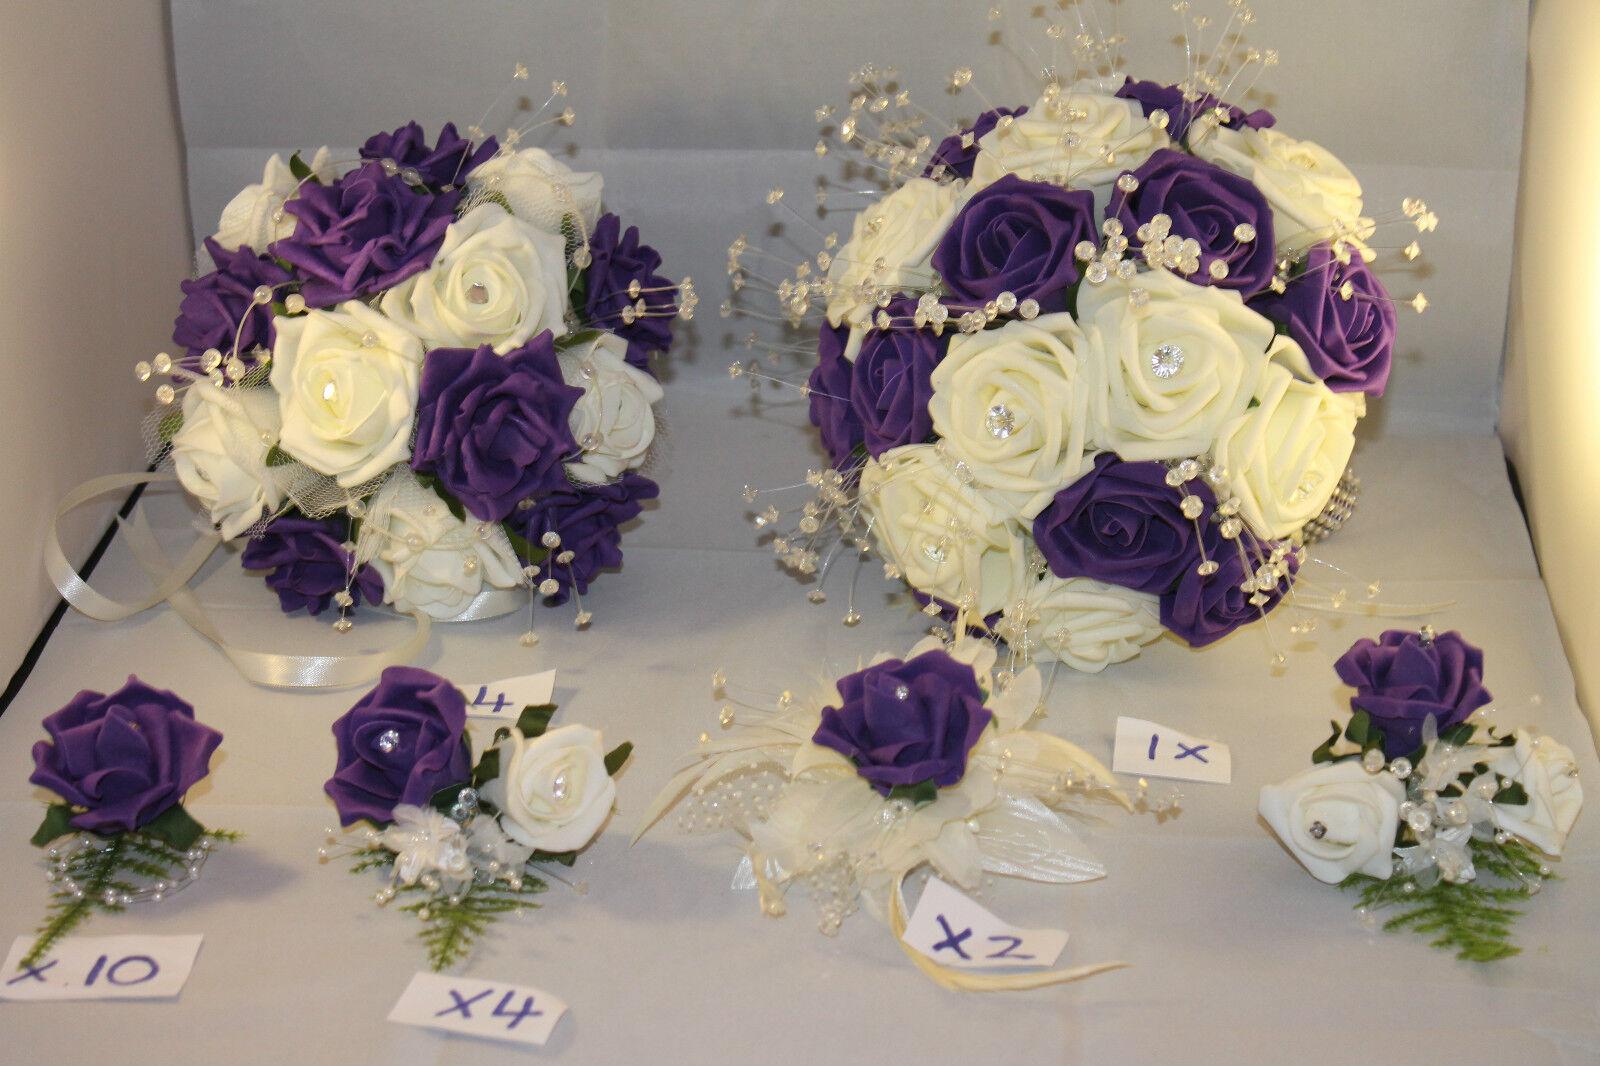 Mariage bouquets boutonnières Corsage Paquet Violet & Ivoire  10 Pièces